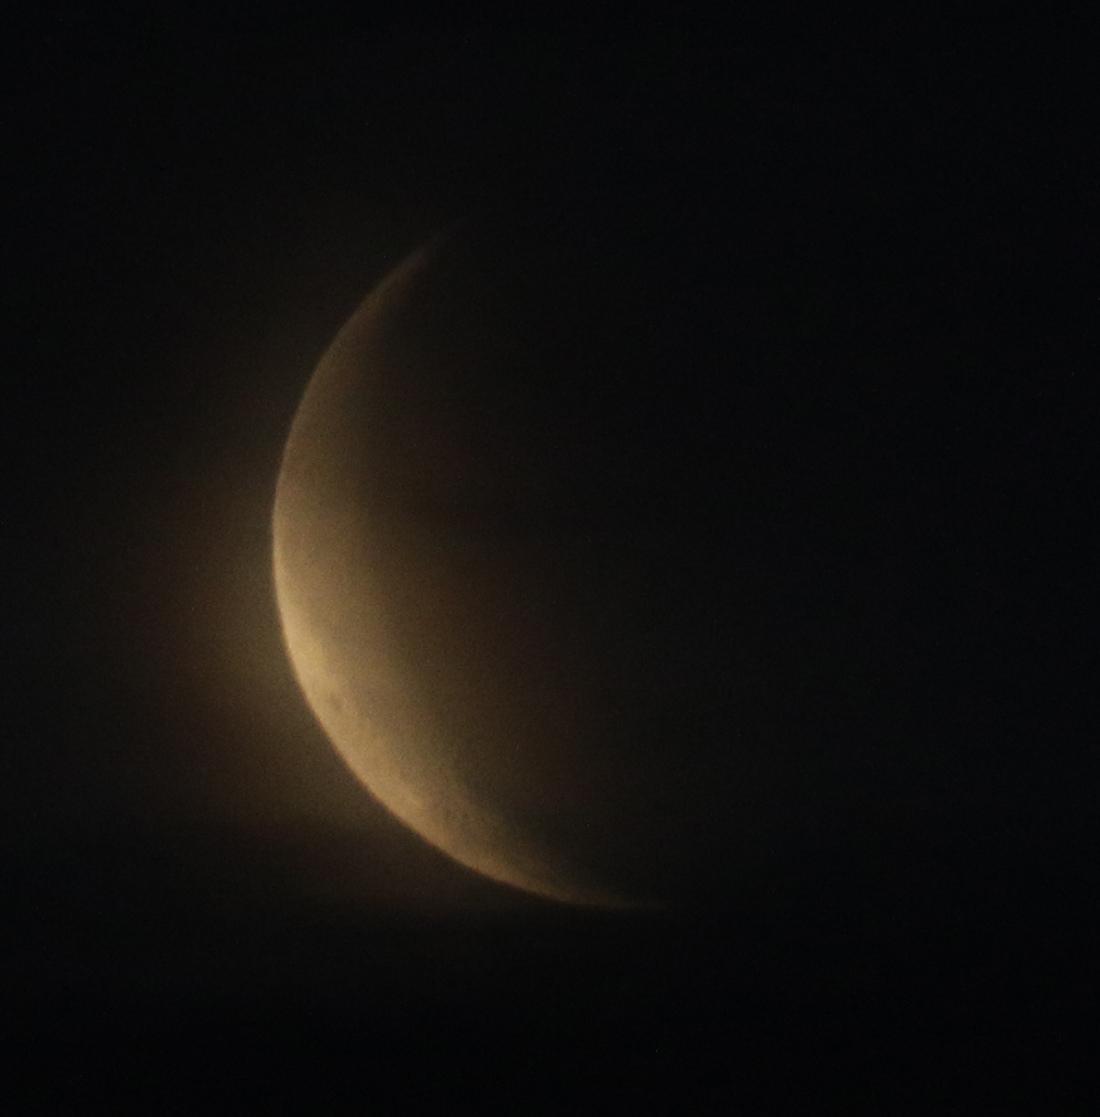 la lune le 01/04/2019 (62356)